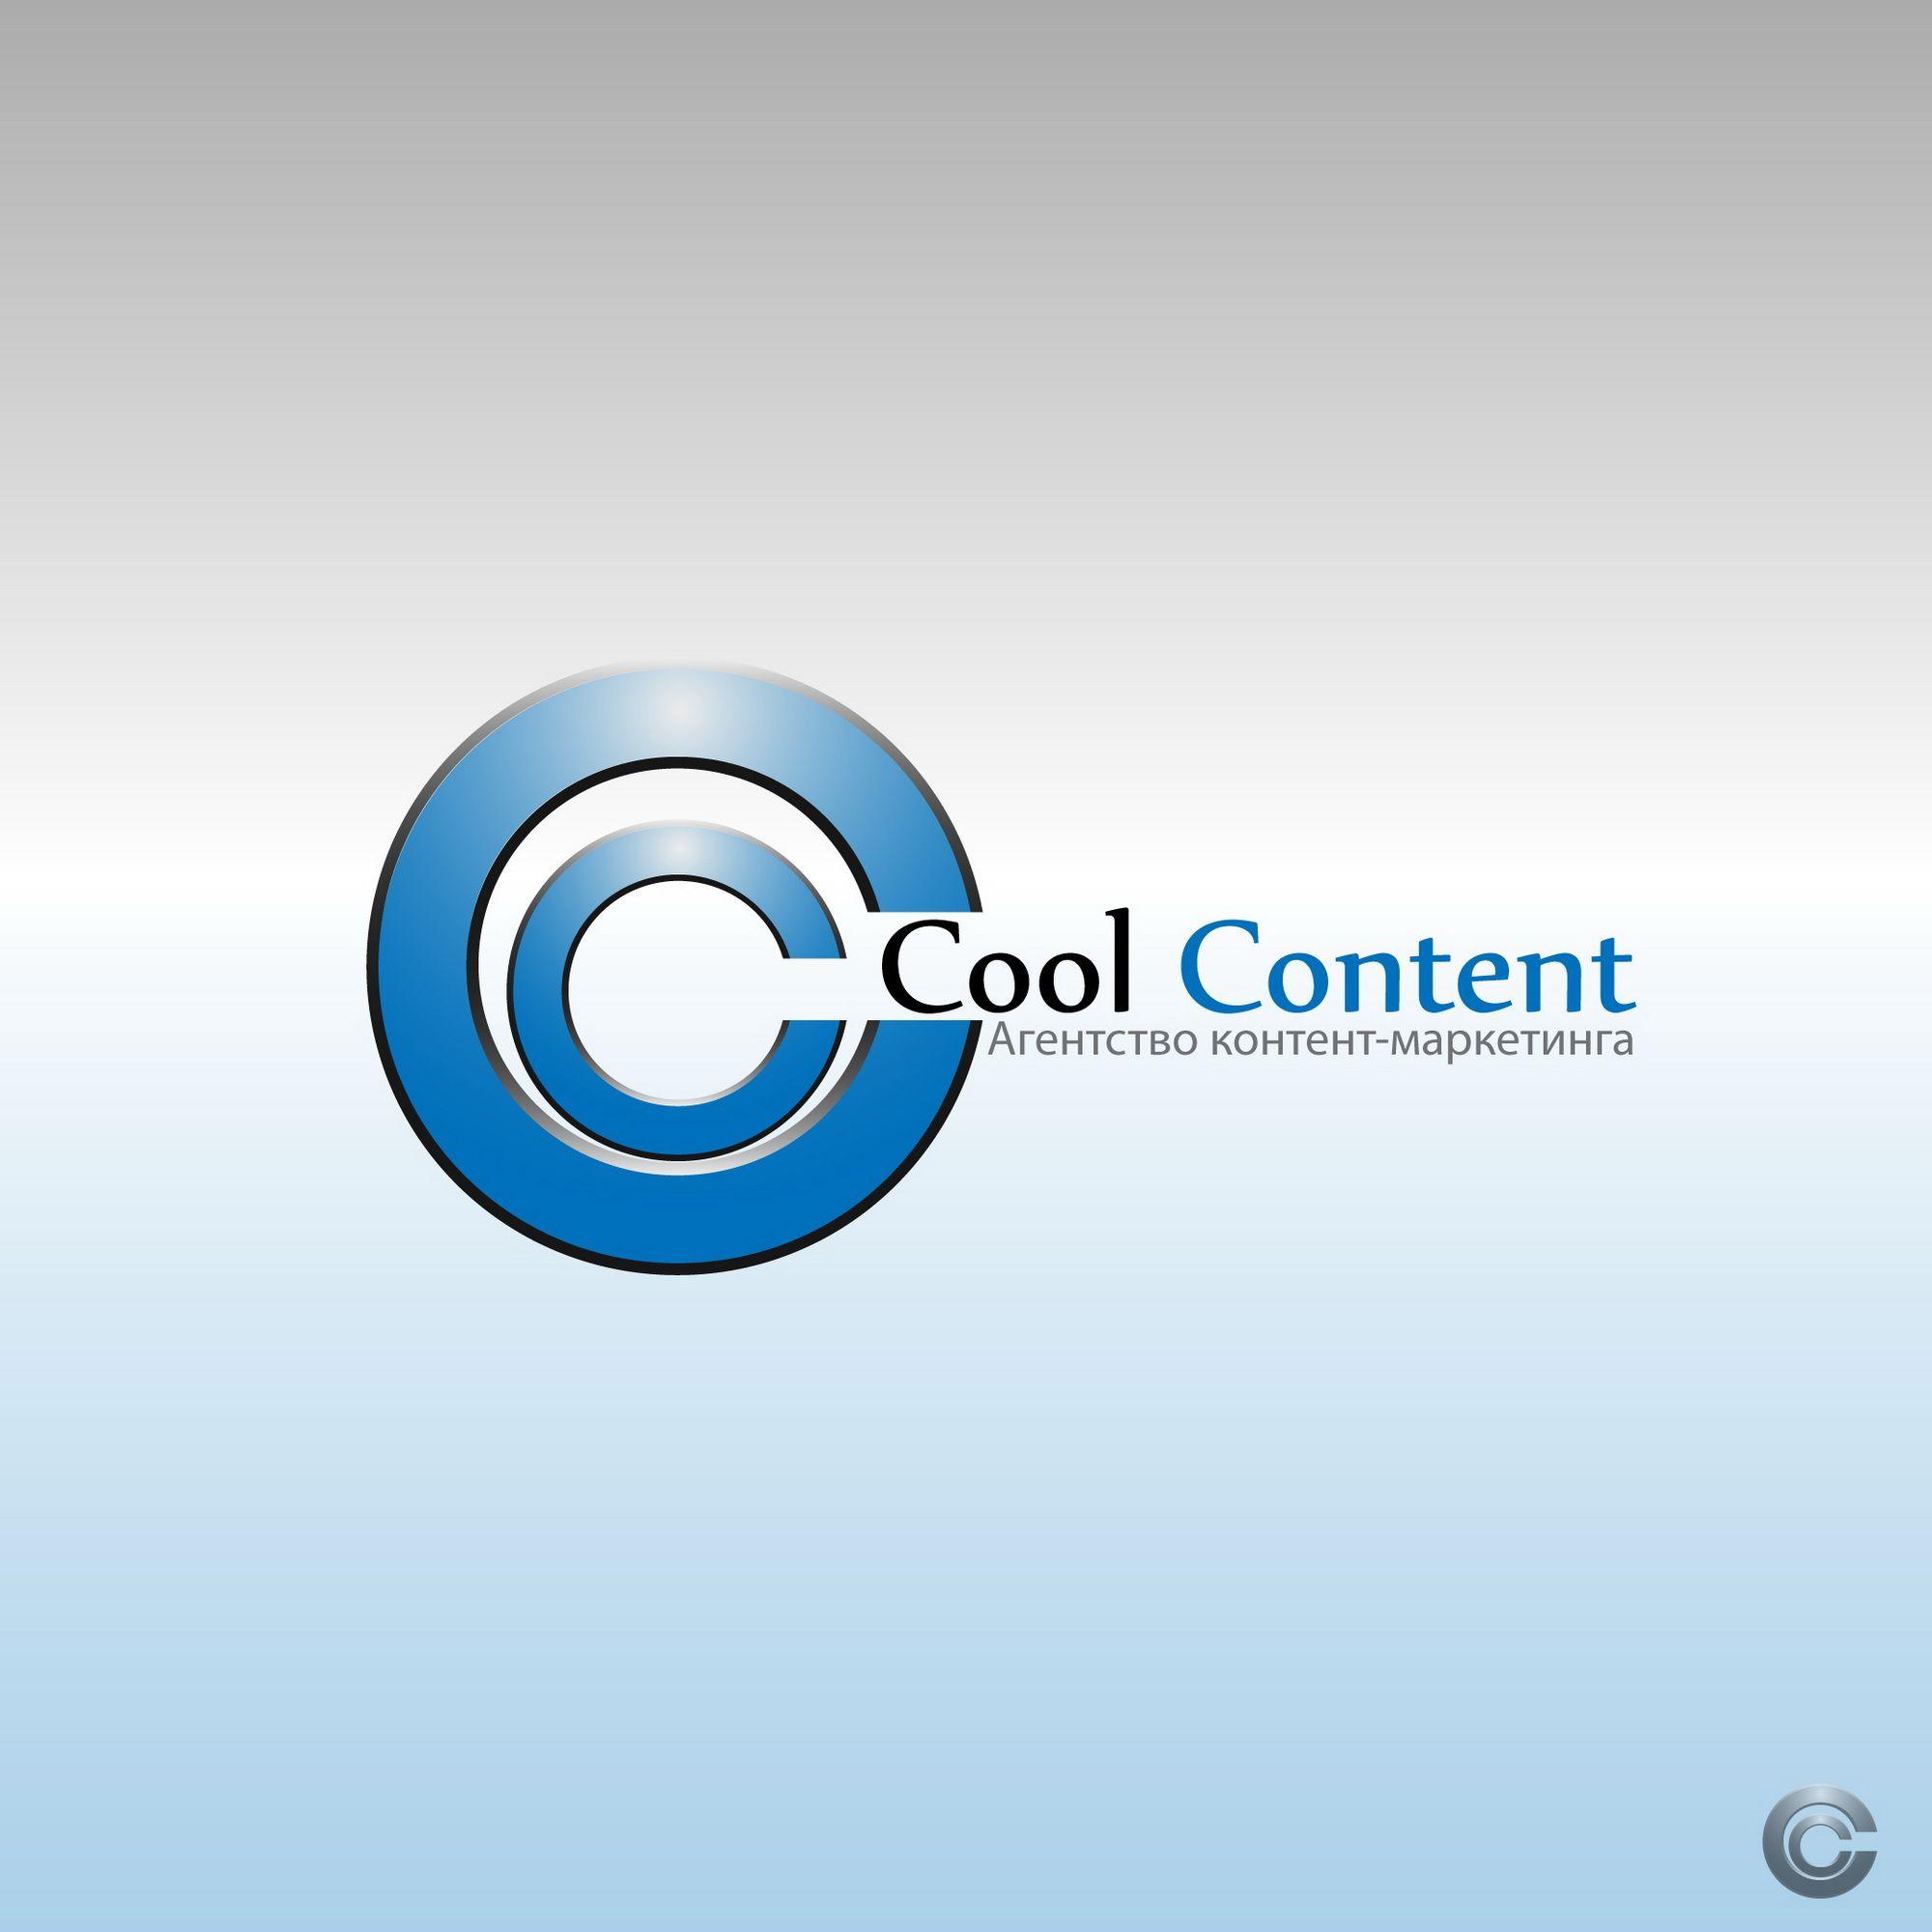 Лого для агентства Cool Content - дизайнер VVVDALLAS